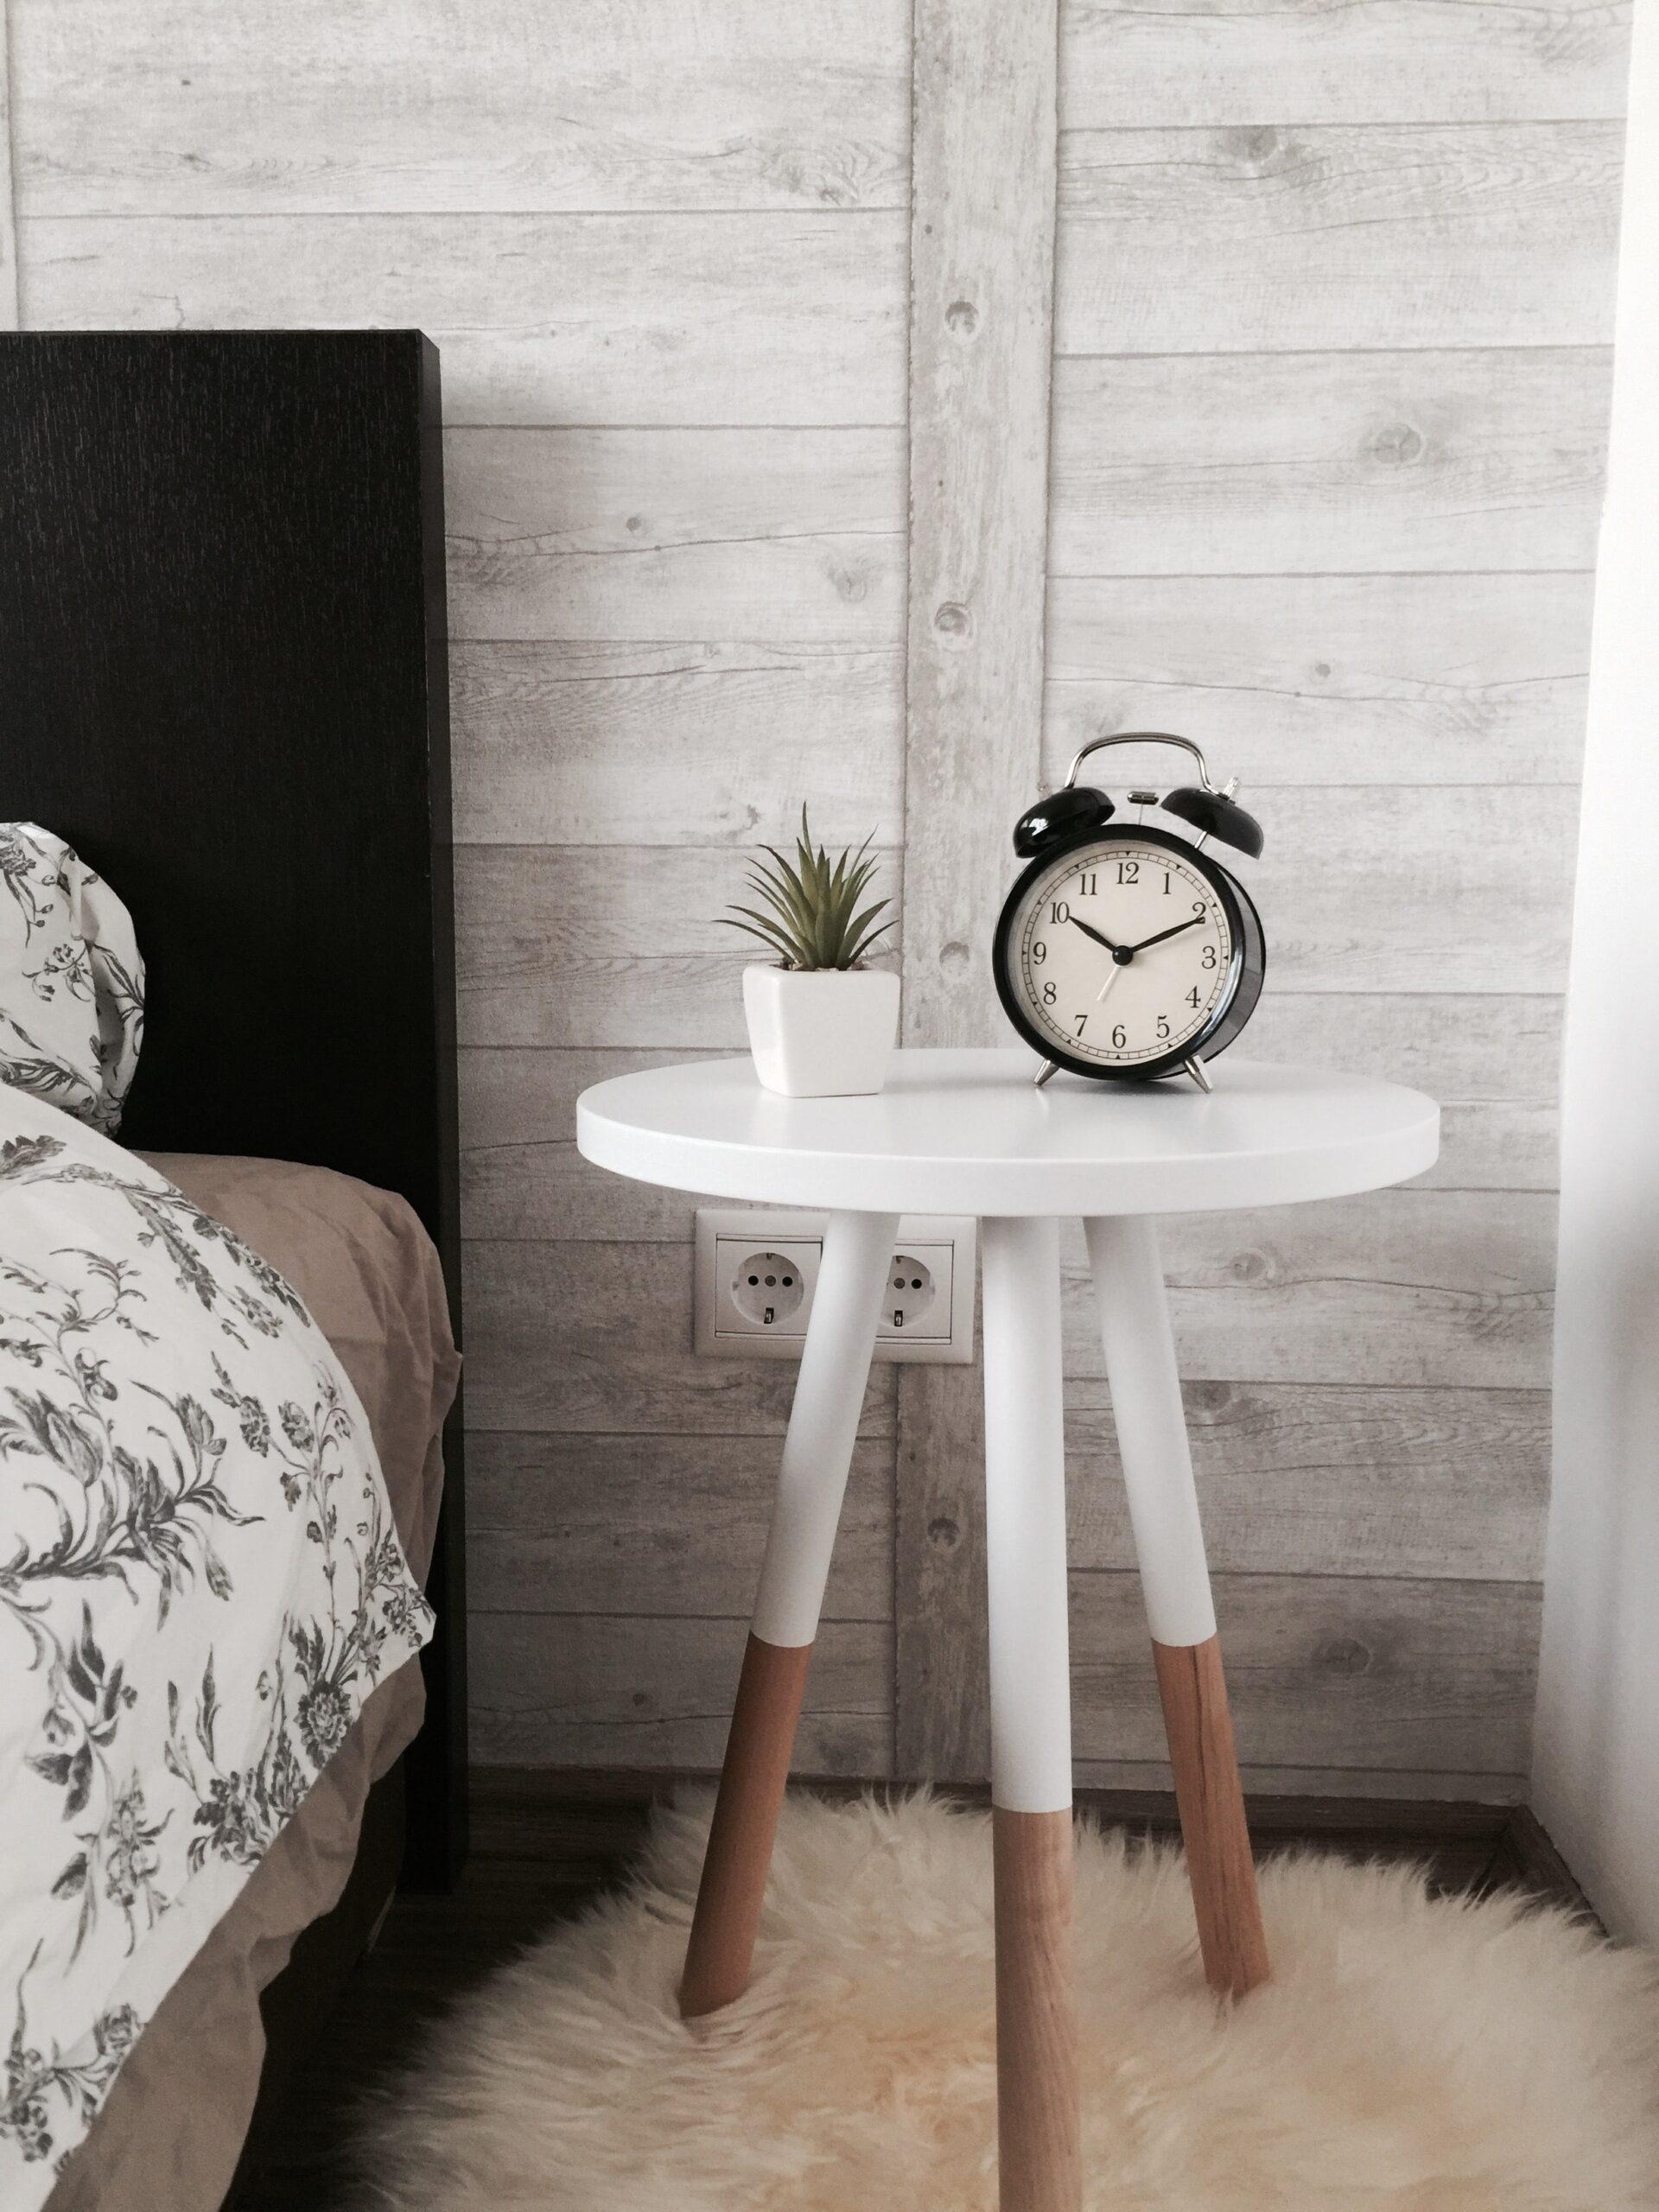 Comment le rituel du coucher vous aide à réduire vos insomnies ?